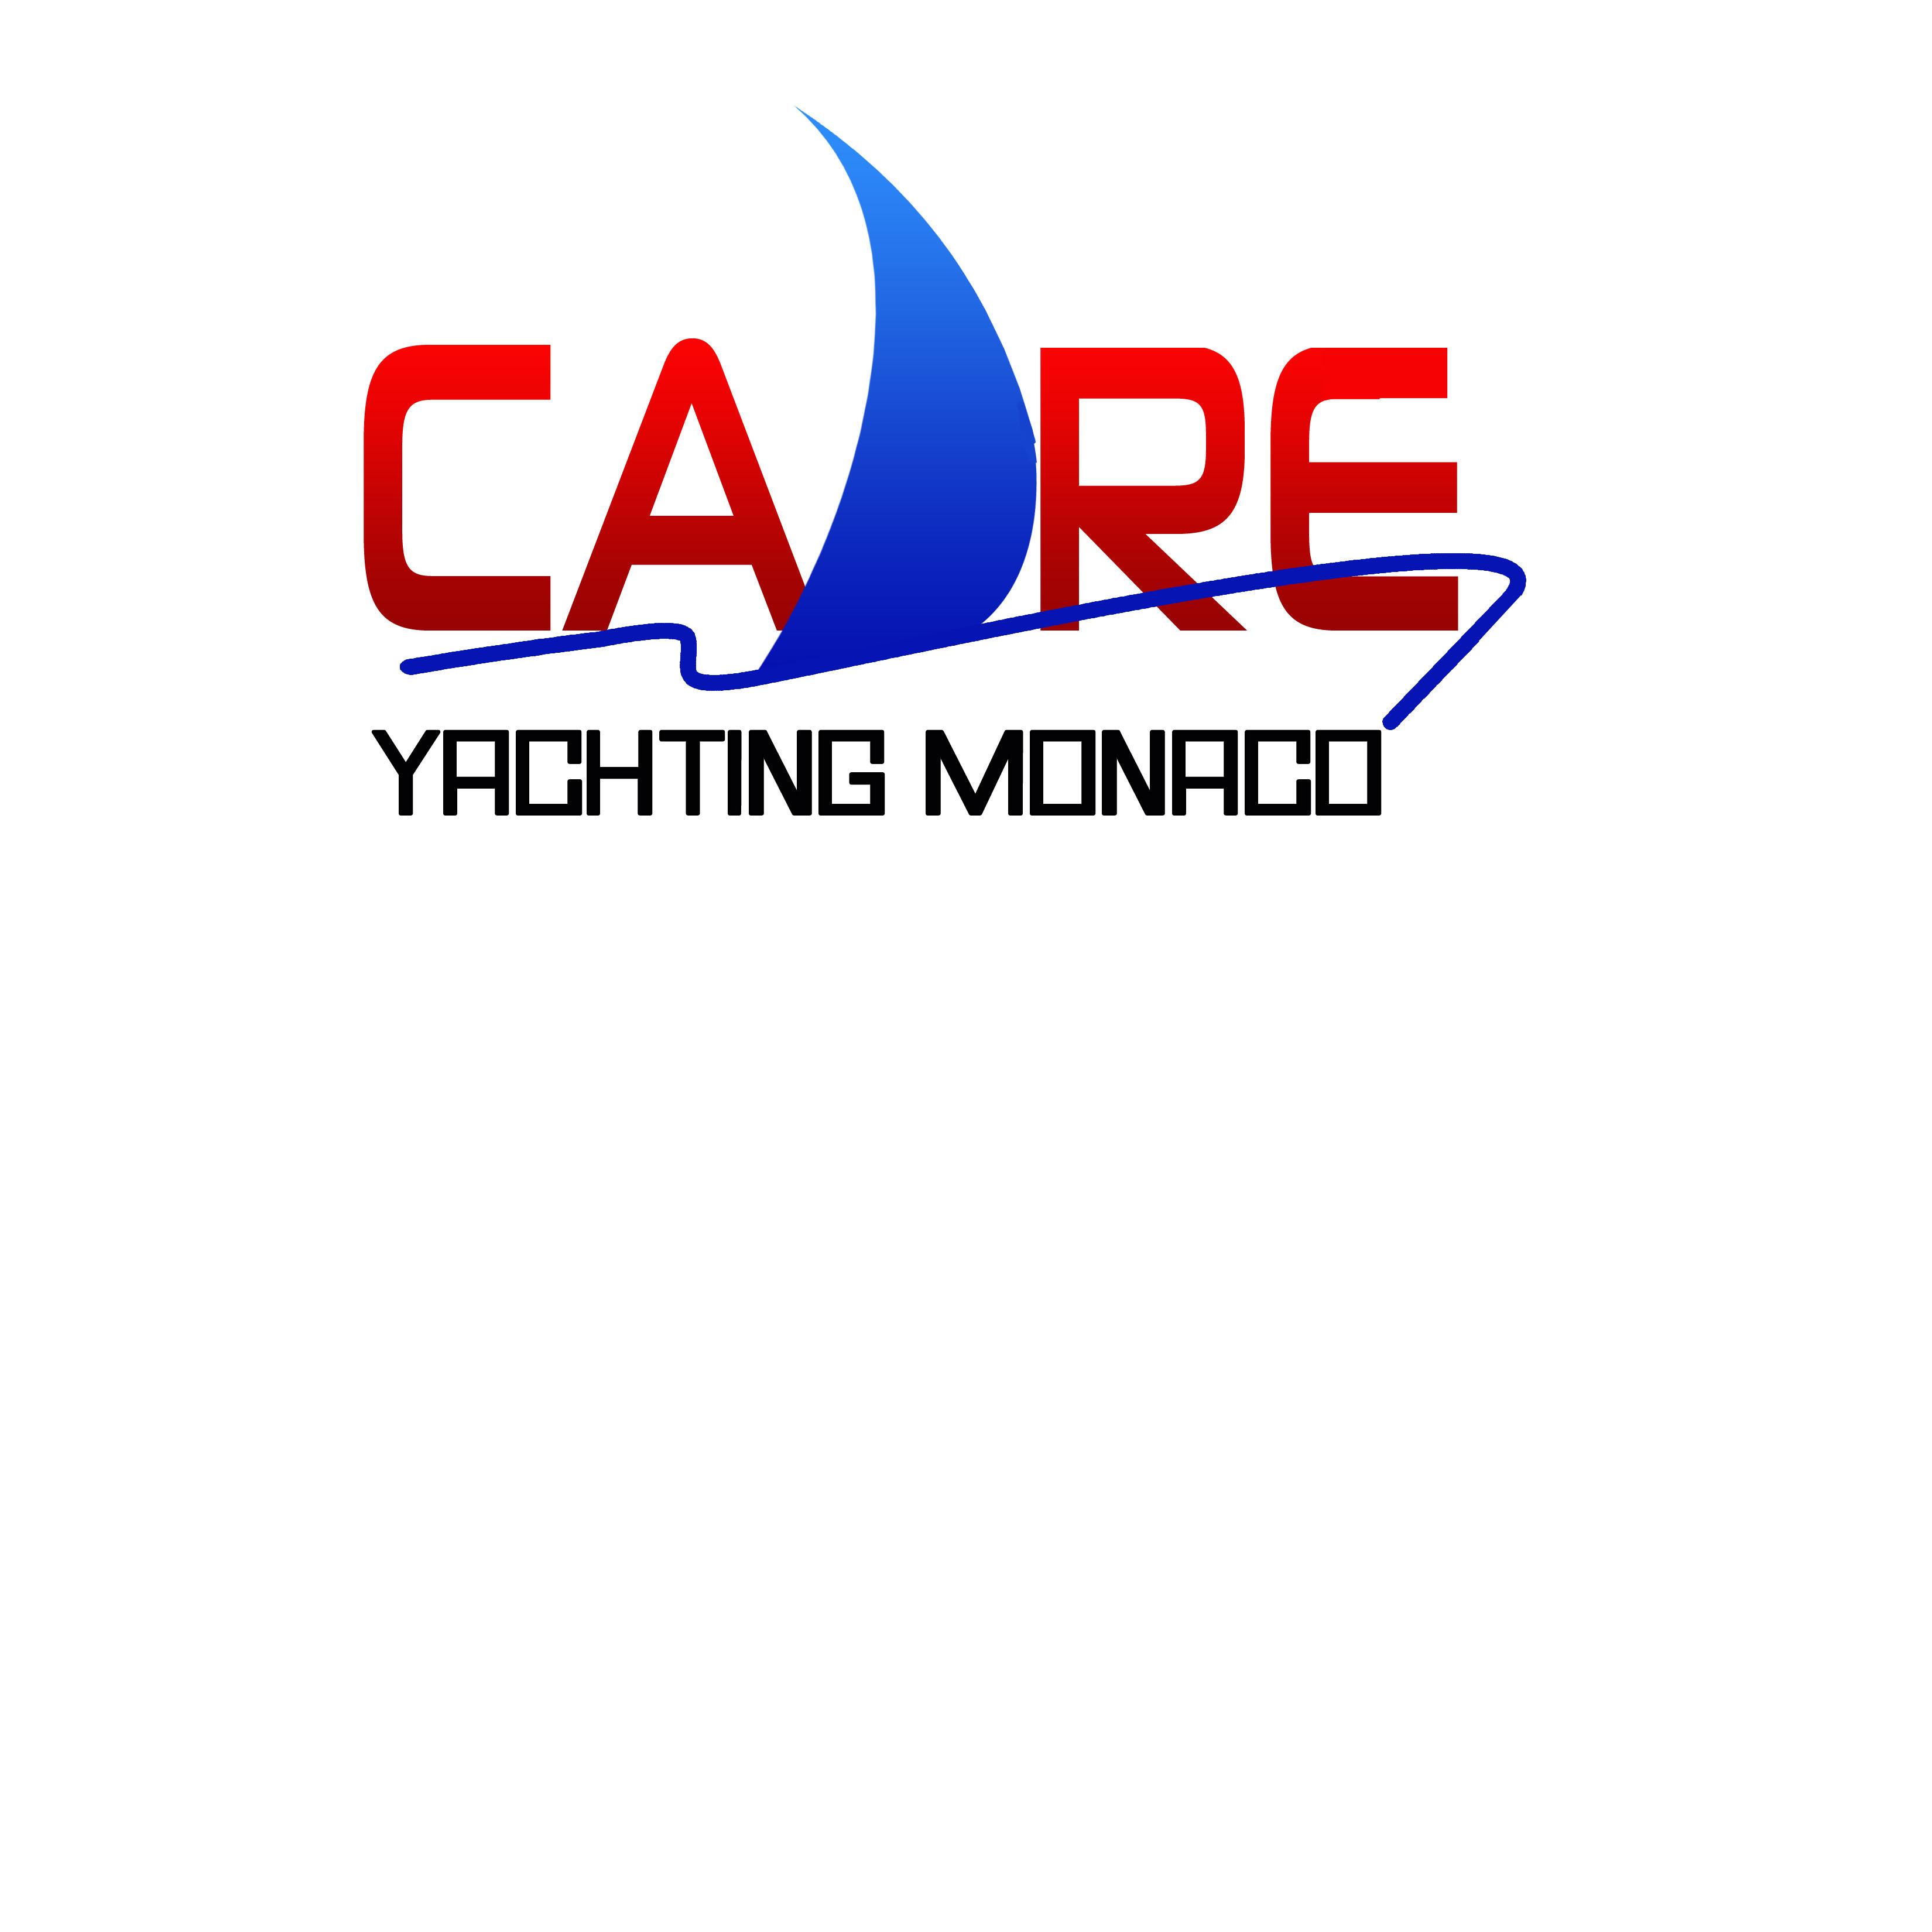 Logo Design by Alan Esclamado - Entry No. 110 in the Logo Design Contest New Logo Design for Cadre Yachting Monaco.